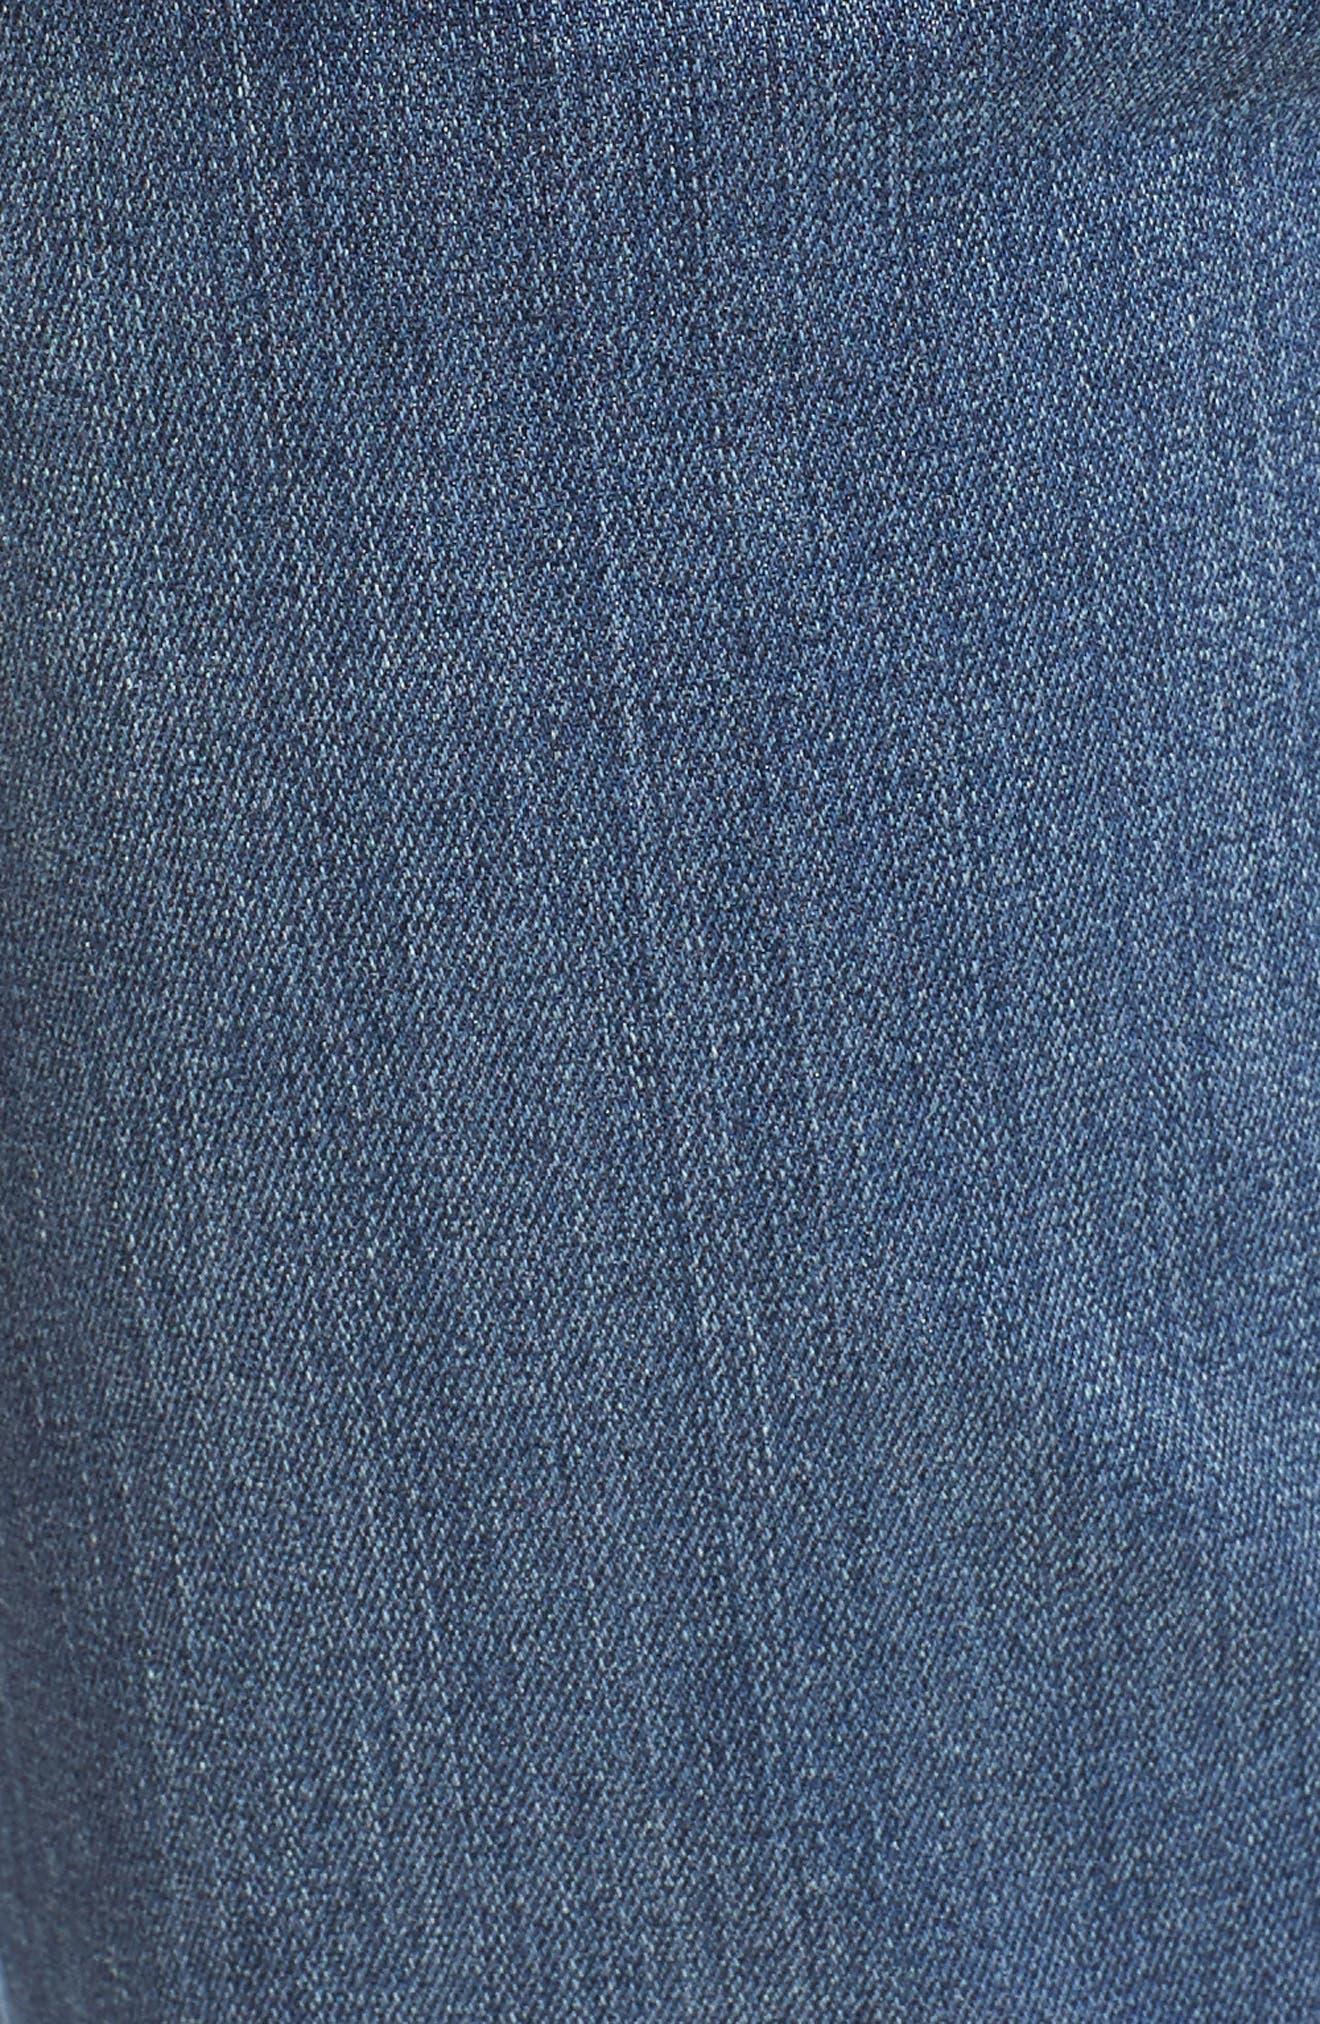 Transcend - Lennox Straight Leg Jeans,                             Alternate thumbnail 6, color,                             Leo